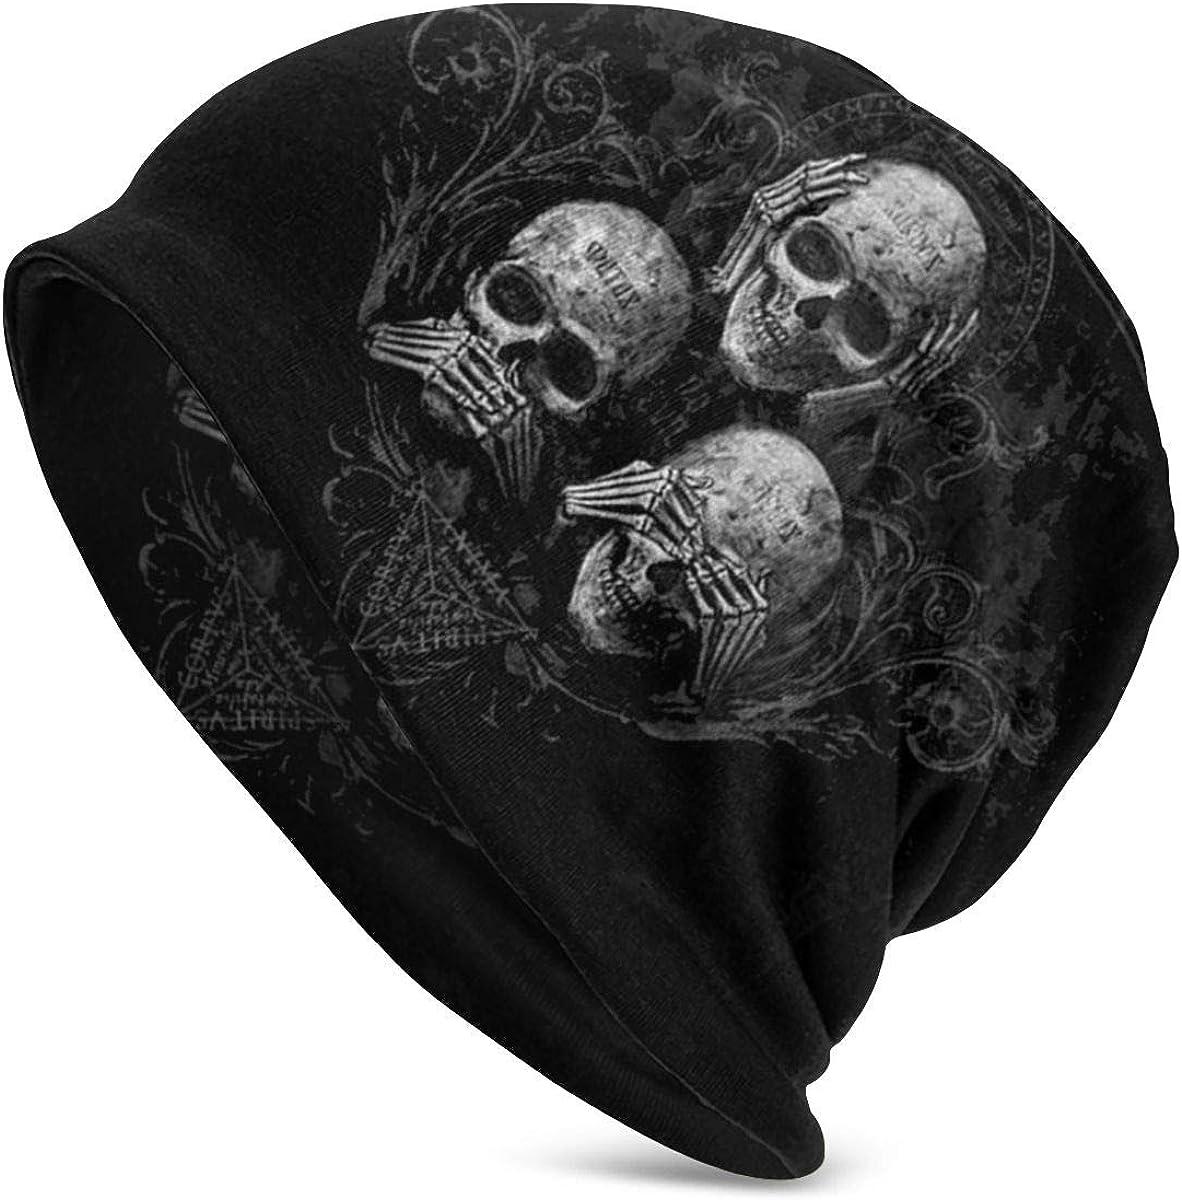 Horror Beanie Adult skull cap Crochet Skull Hat Skull Themed hat Skulls and Roses Halloween Hat gift for him,